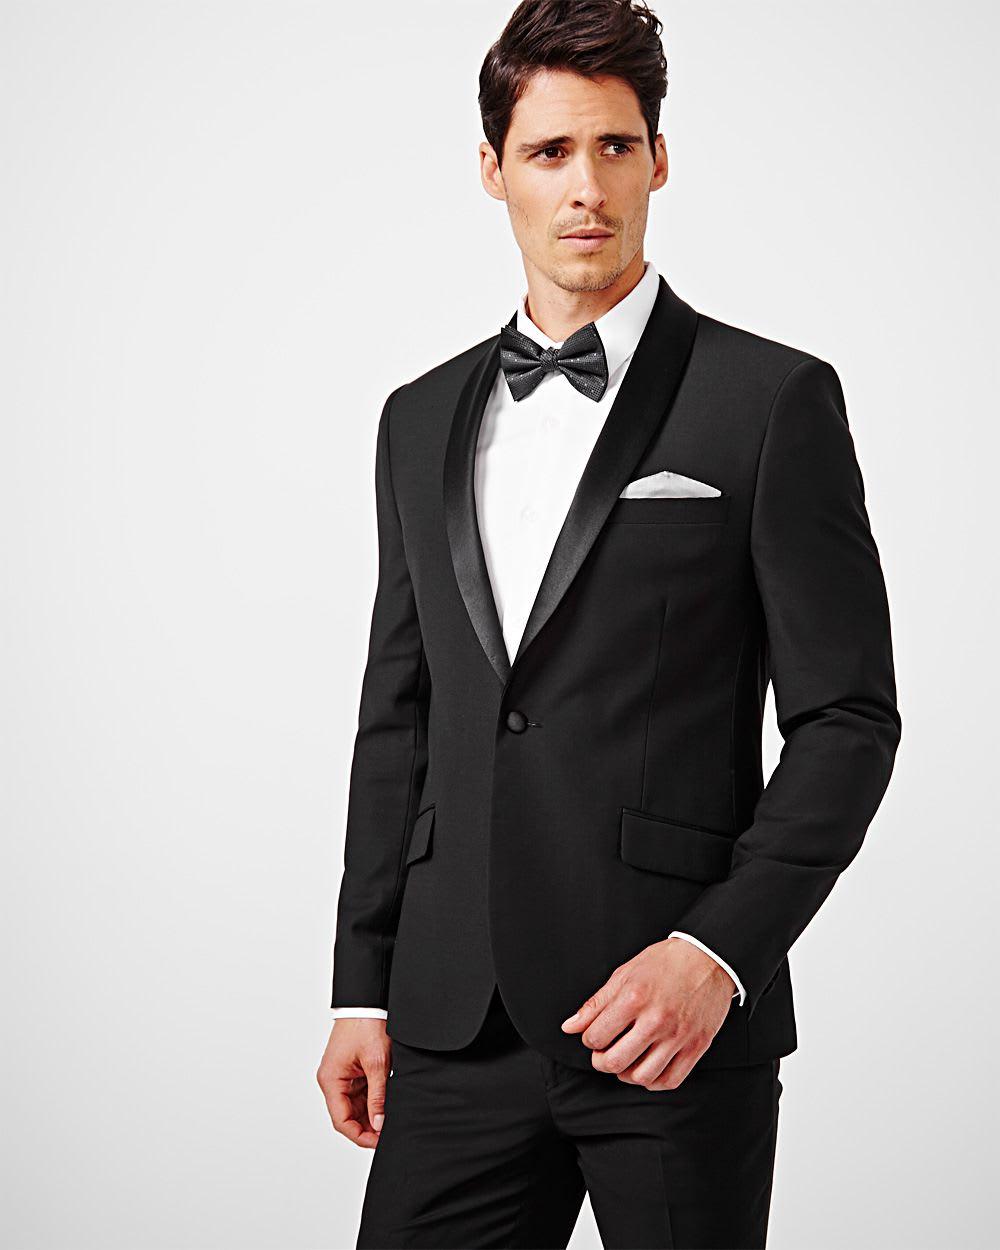 Tuxedo: Slim Fit Tuxedo Blazer - Regular